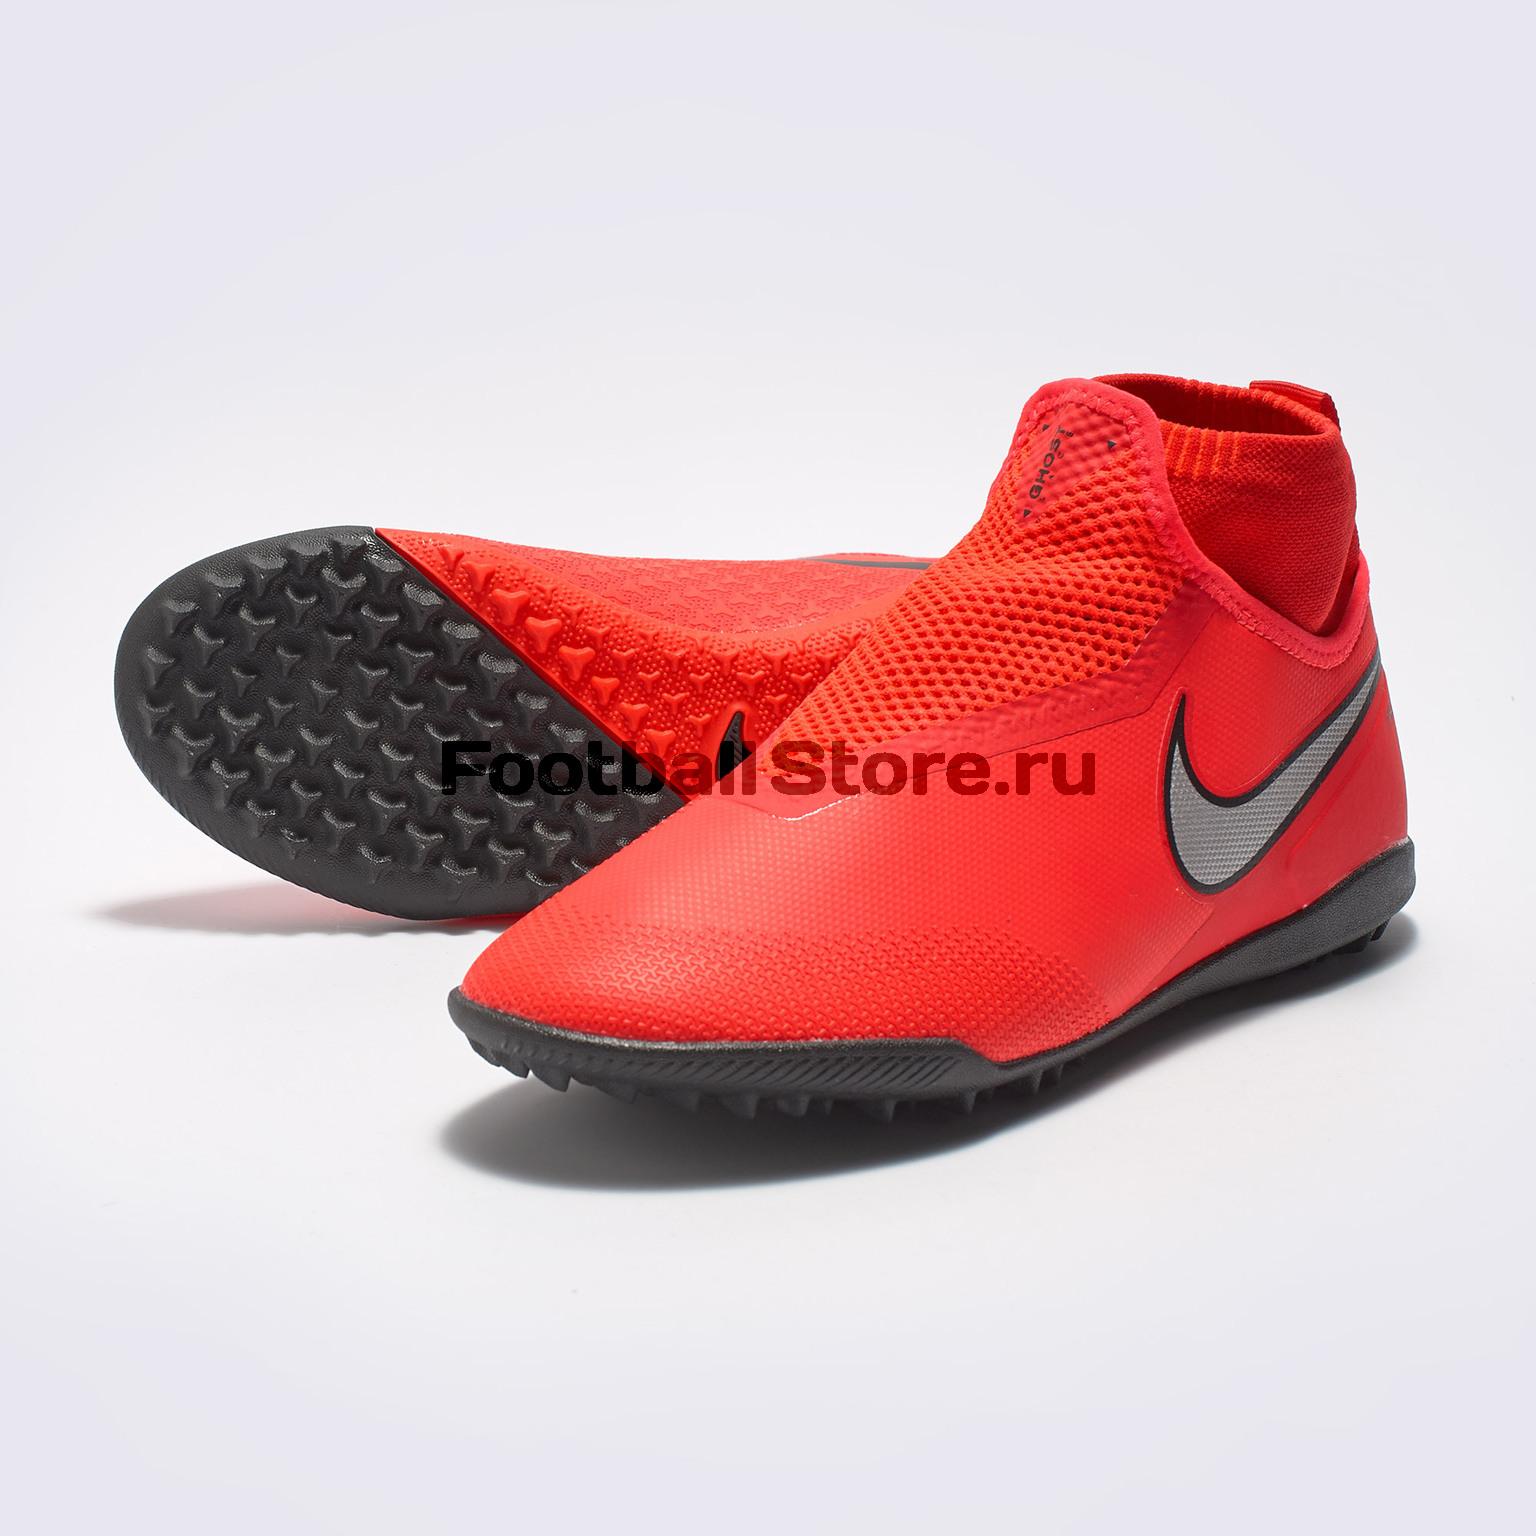 цена на Шиповки Nike React Phantom Vision Pro DF TF AO3277-600